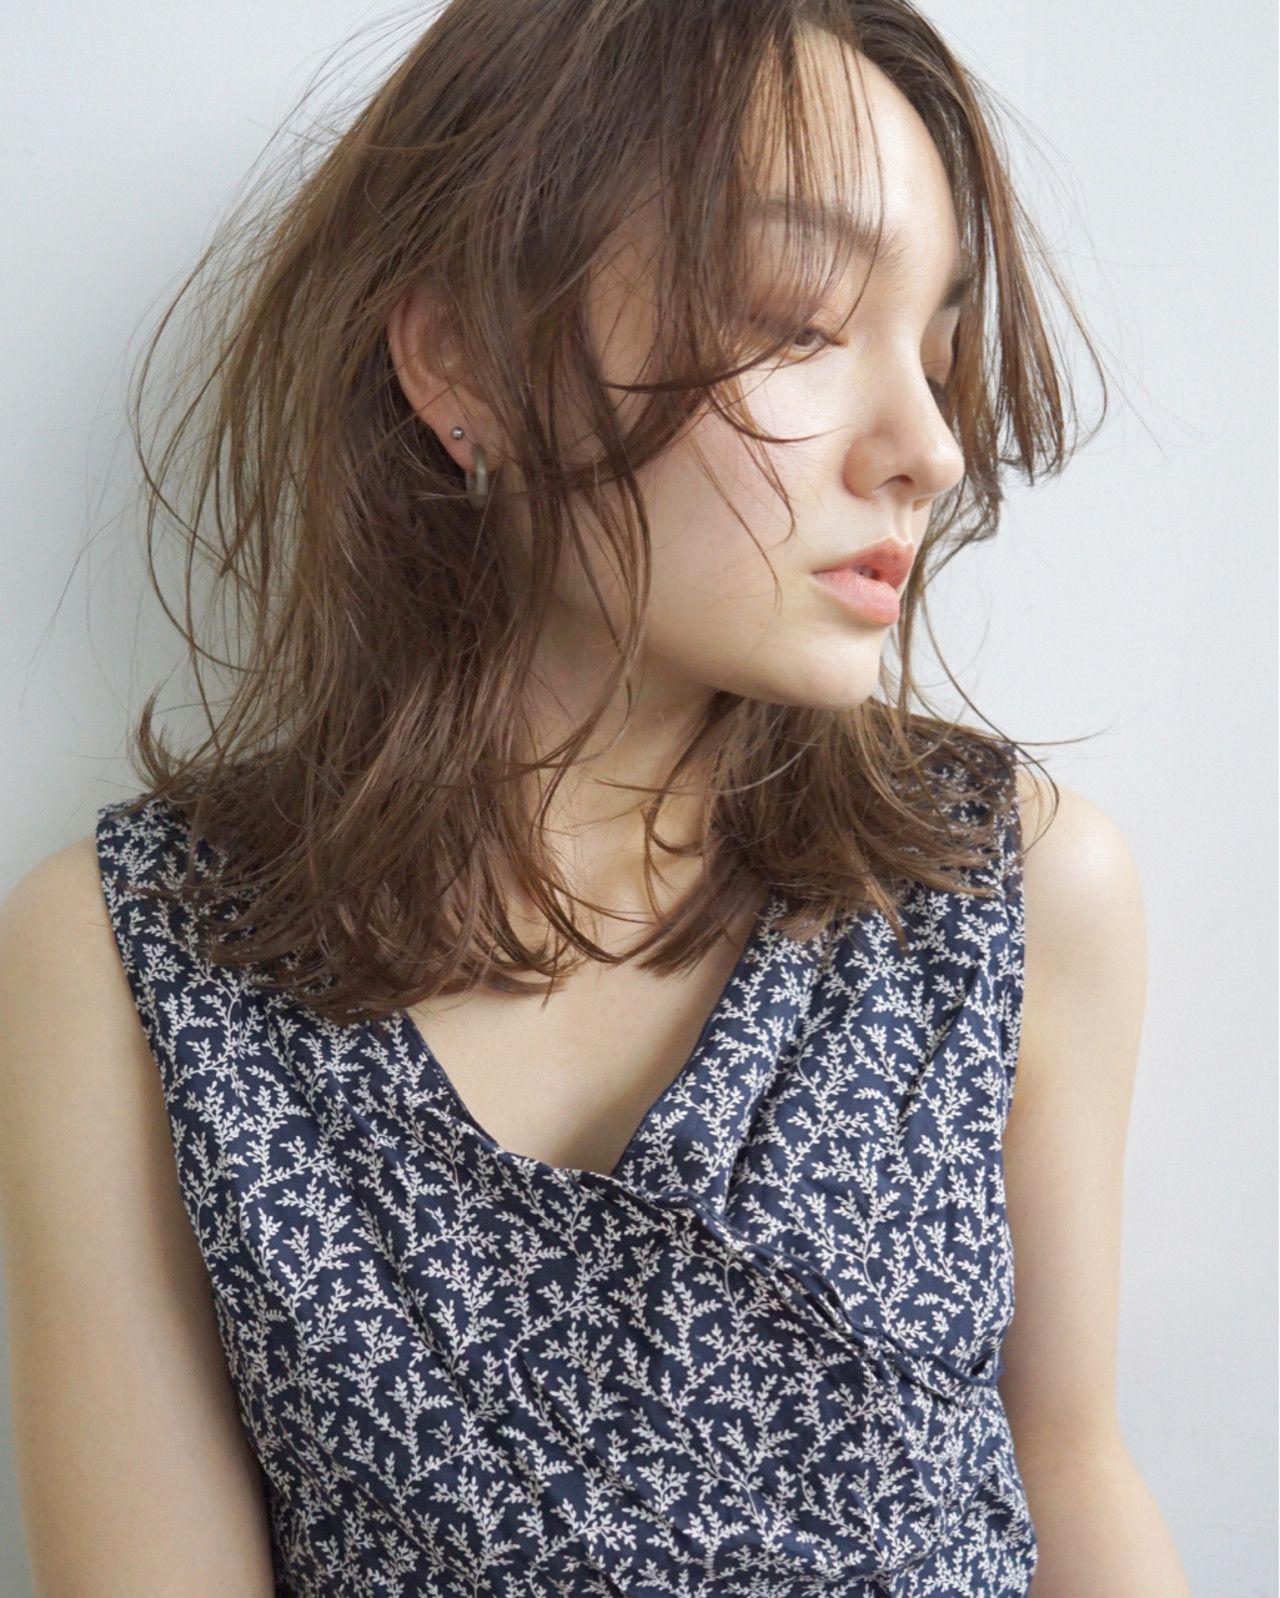 前髪なし が大人っぽさのカギ 美人スタイルカタログ Hair ヘアスタイル ロング ブロンド ロングヘア 美しい赤い髪